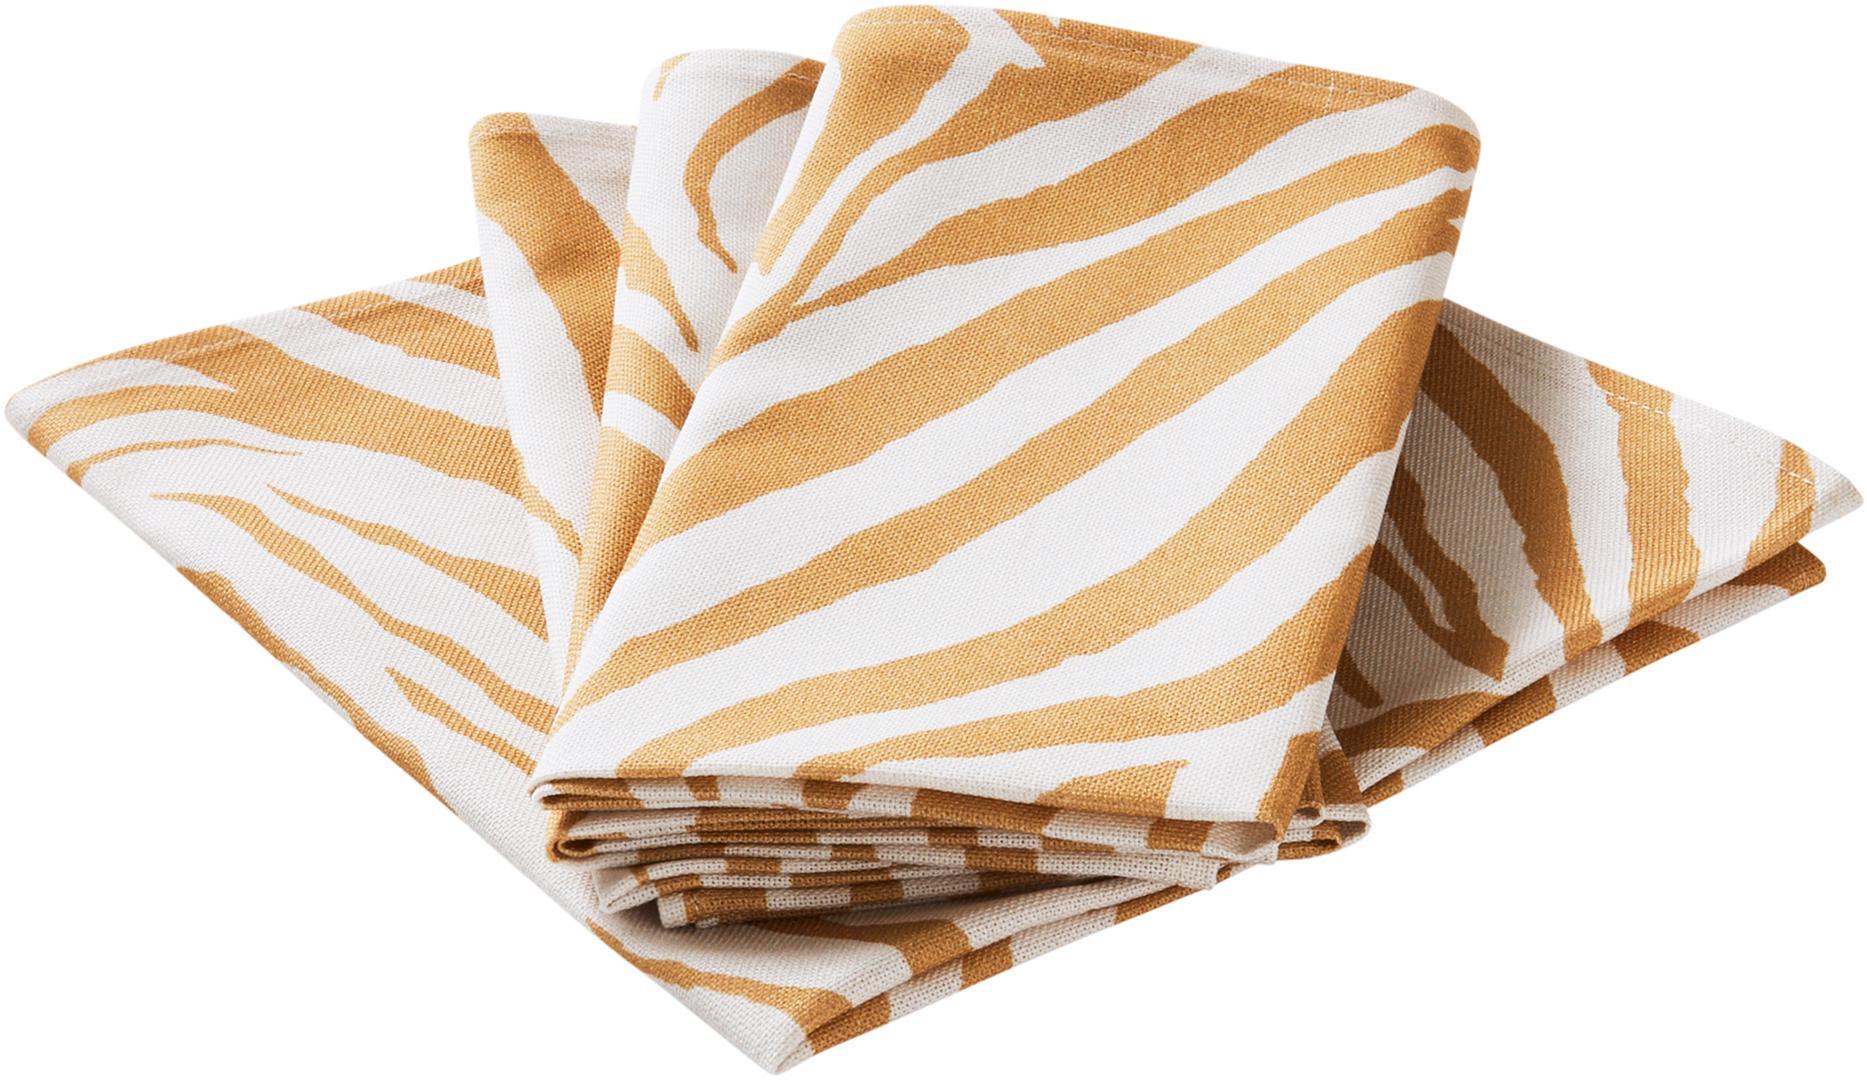 Baumwoll-Servietten Zadie, 4 Stück, 100% Baumwolle, aus nachhaltigem Baumwollanbau, Senfgelb, Cremeweiß, 45 x 45 cm